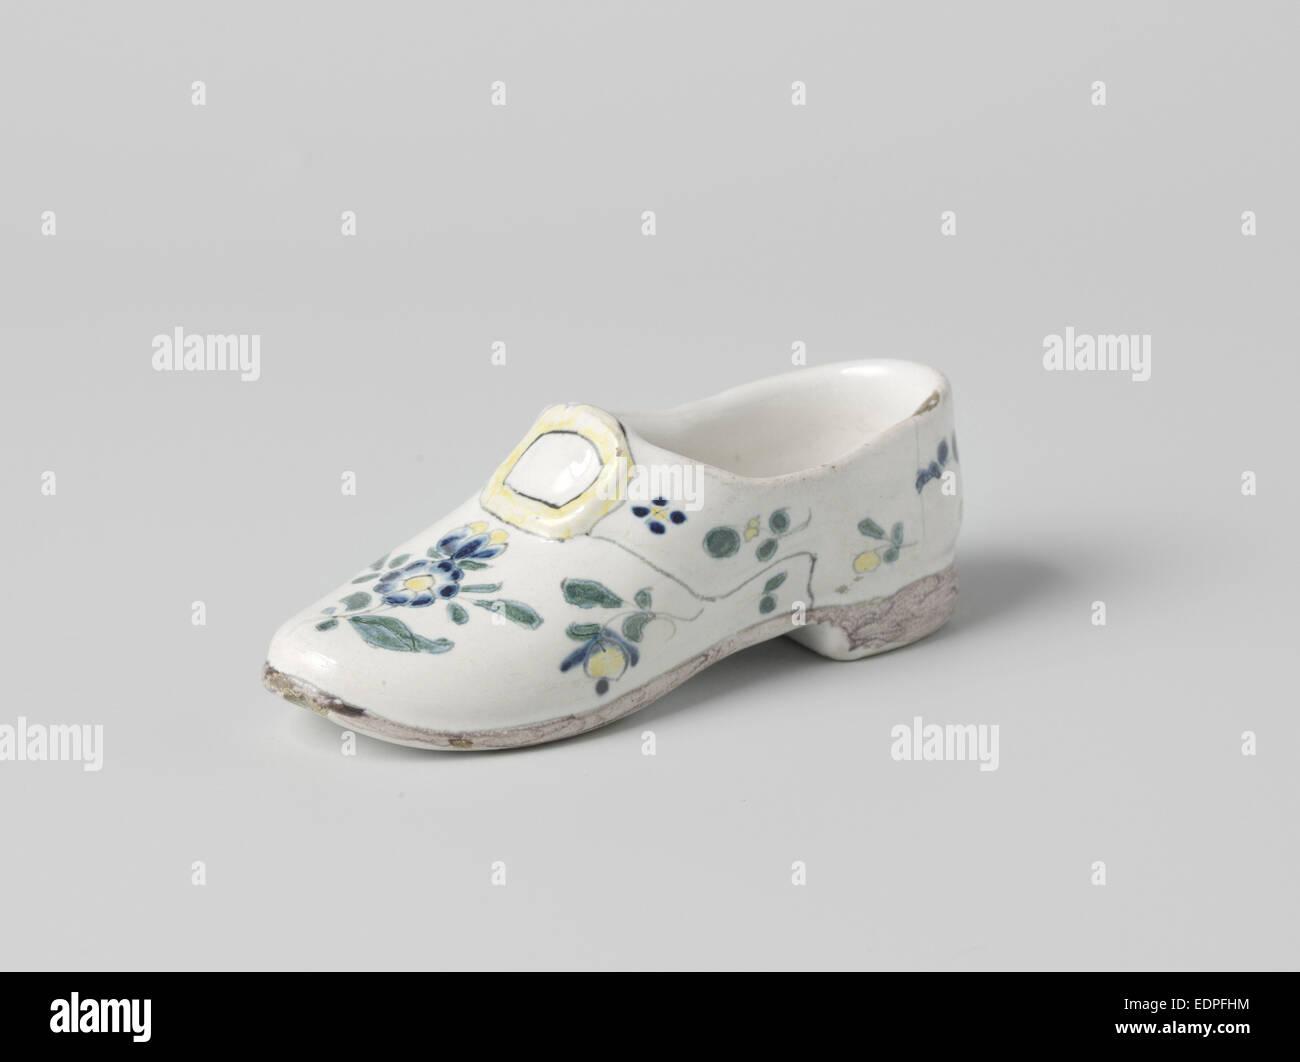 Oggetto nella forma di una calzatura, anonimo, c. 1800 - c. 1900 Immagini Stock